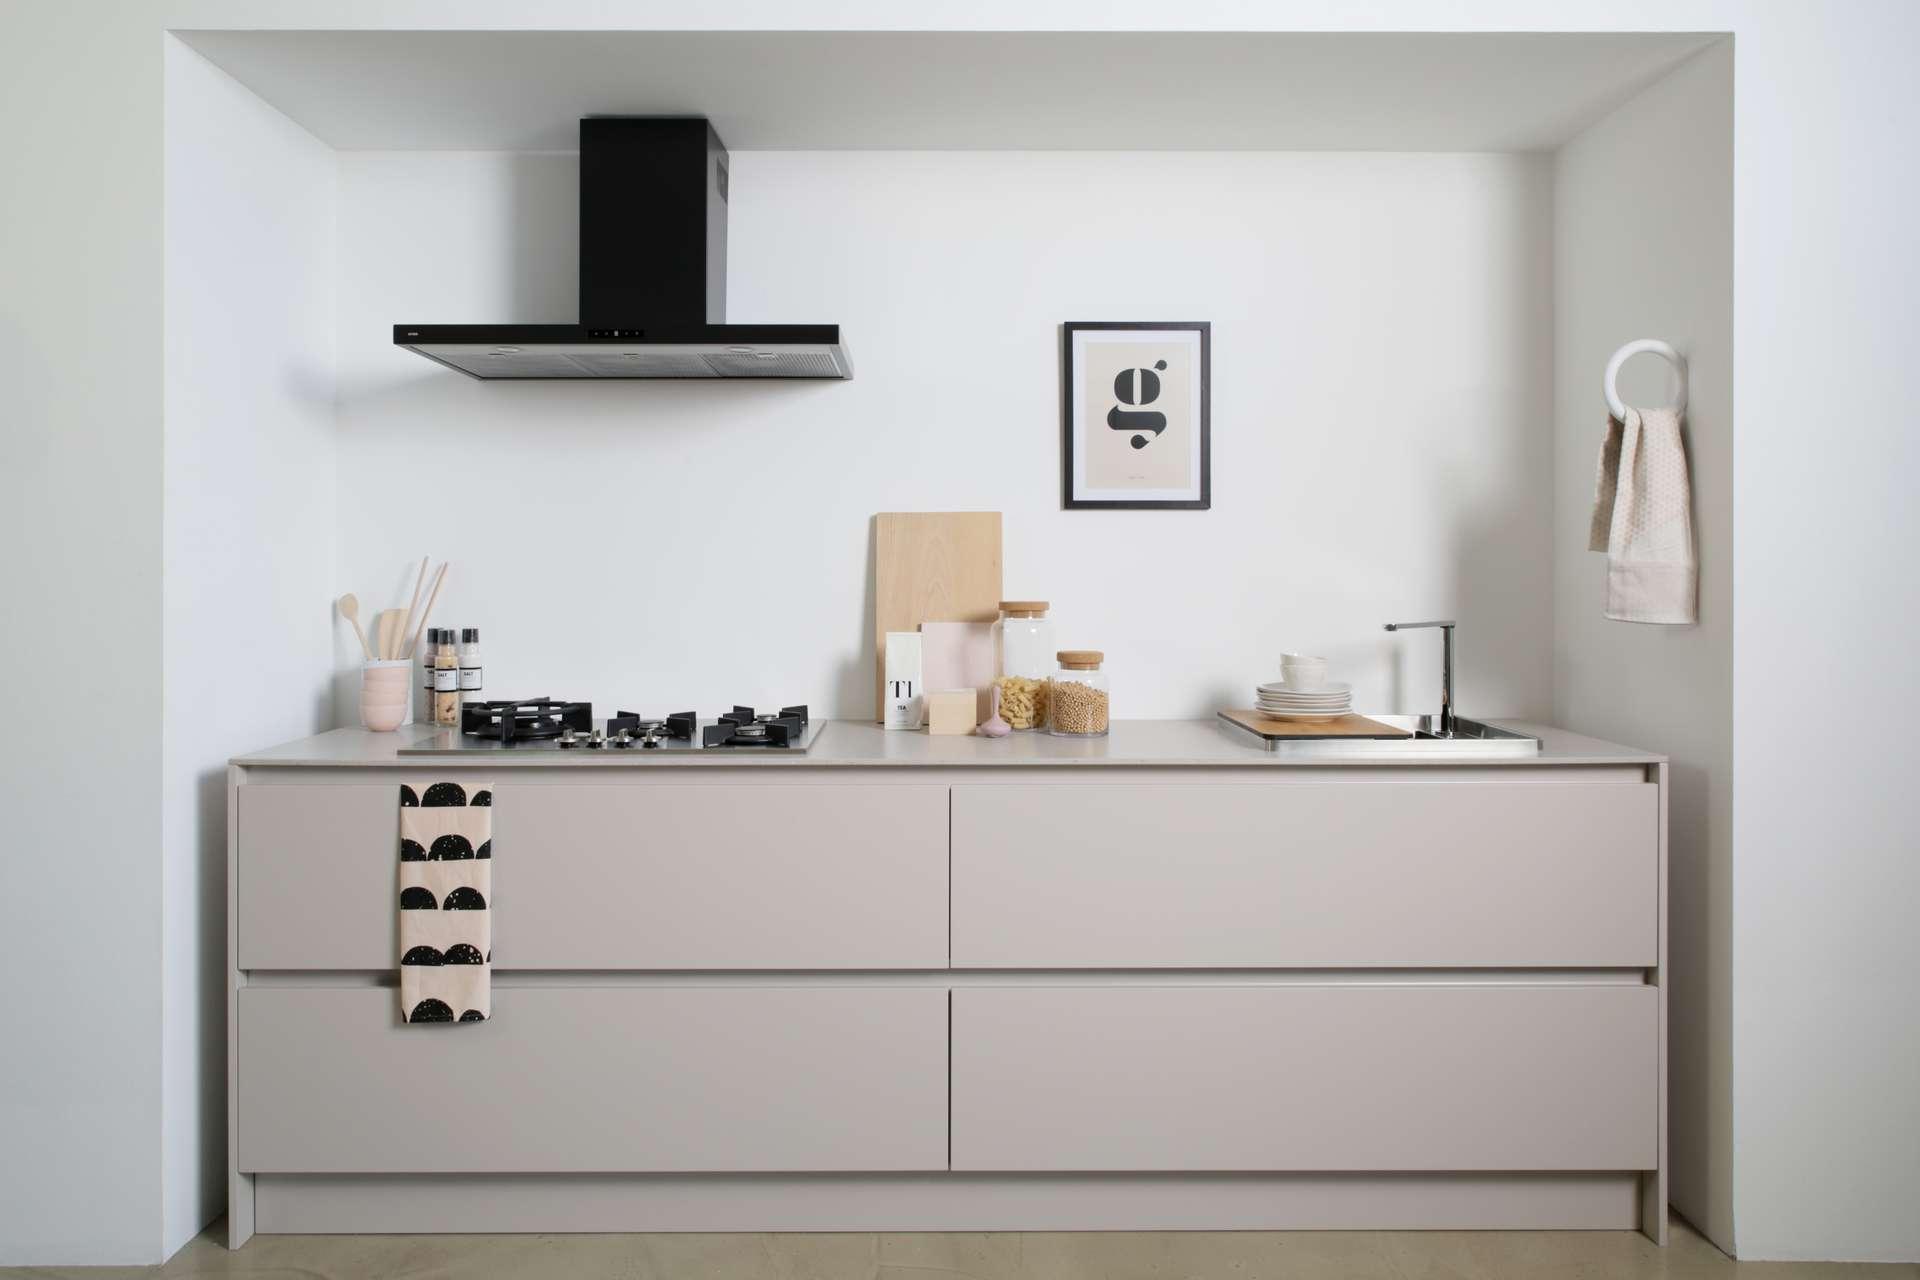 Keuken Organizer Ontwerpen : Keuken organiser joseph joseph organiseset voor in de keuken set